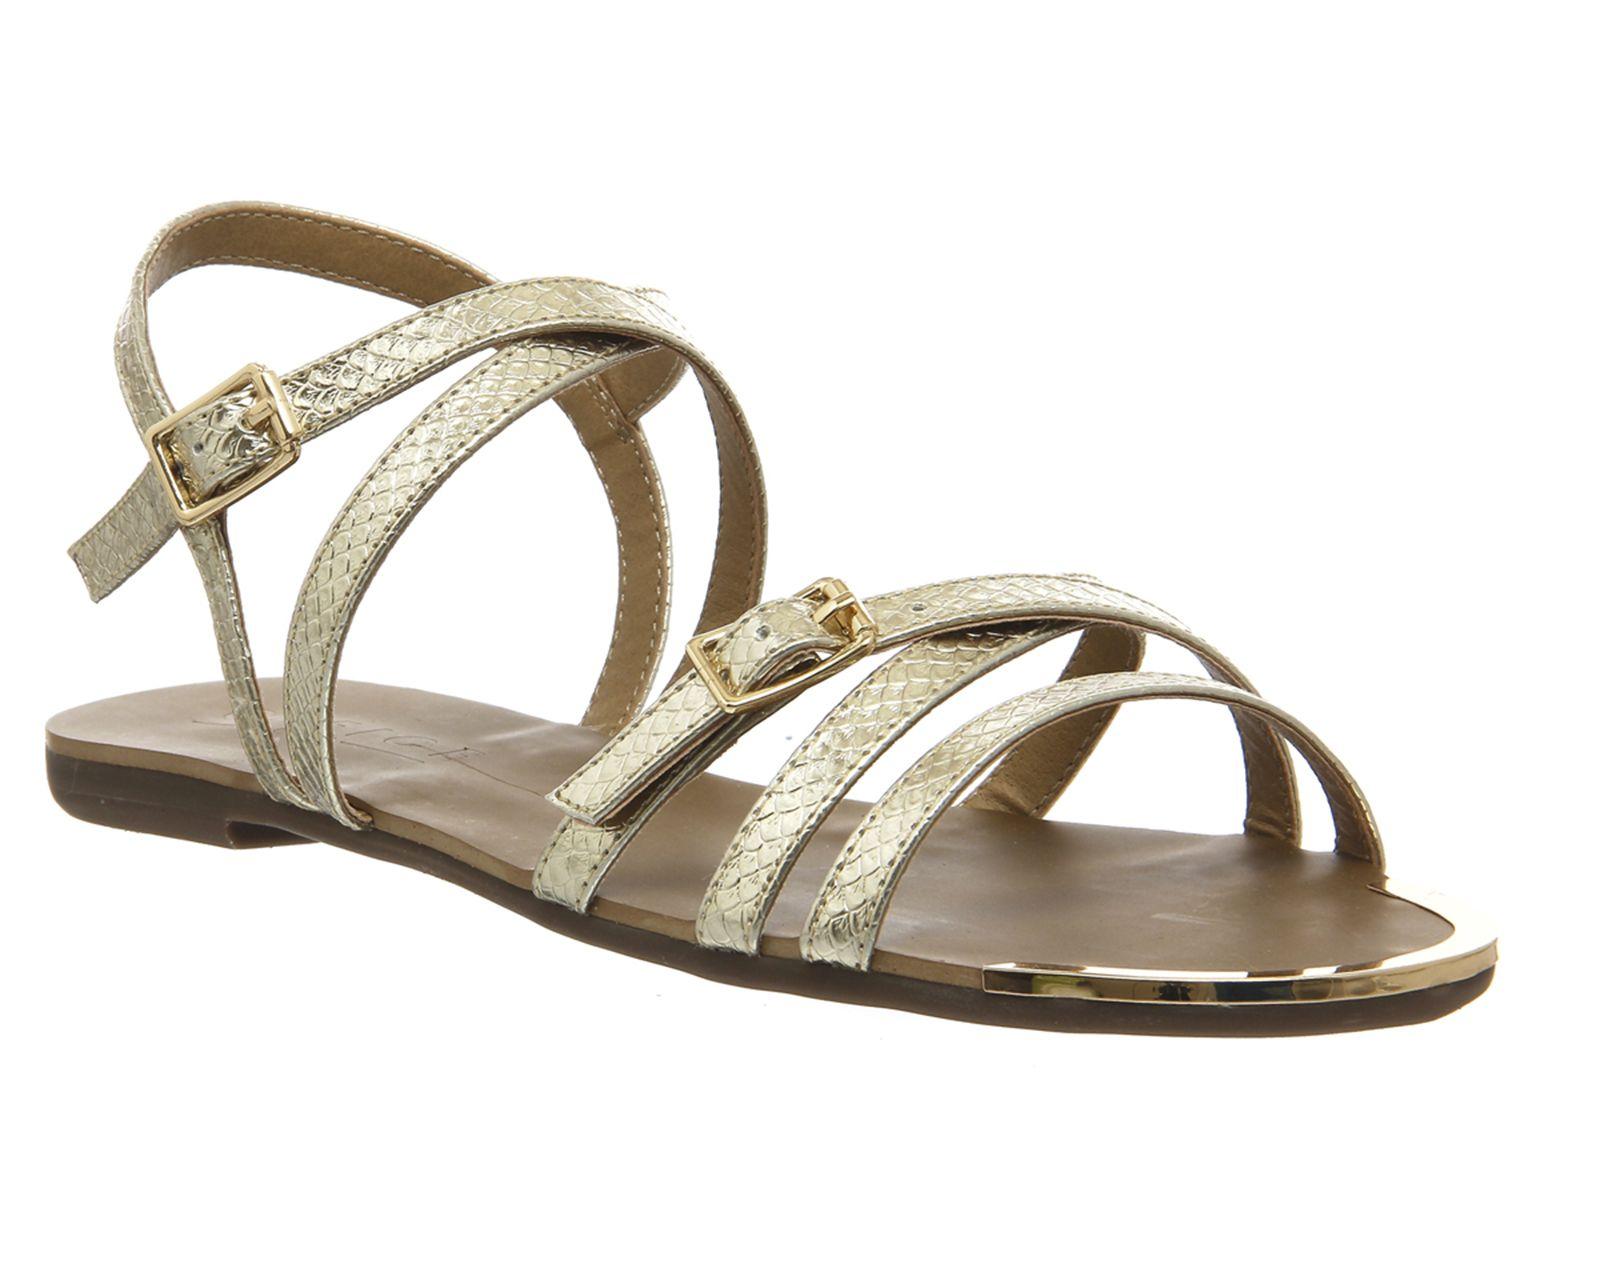 Gold Snake Office Olsen Stry Sandals From Co Uk